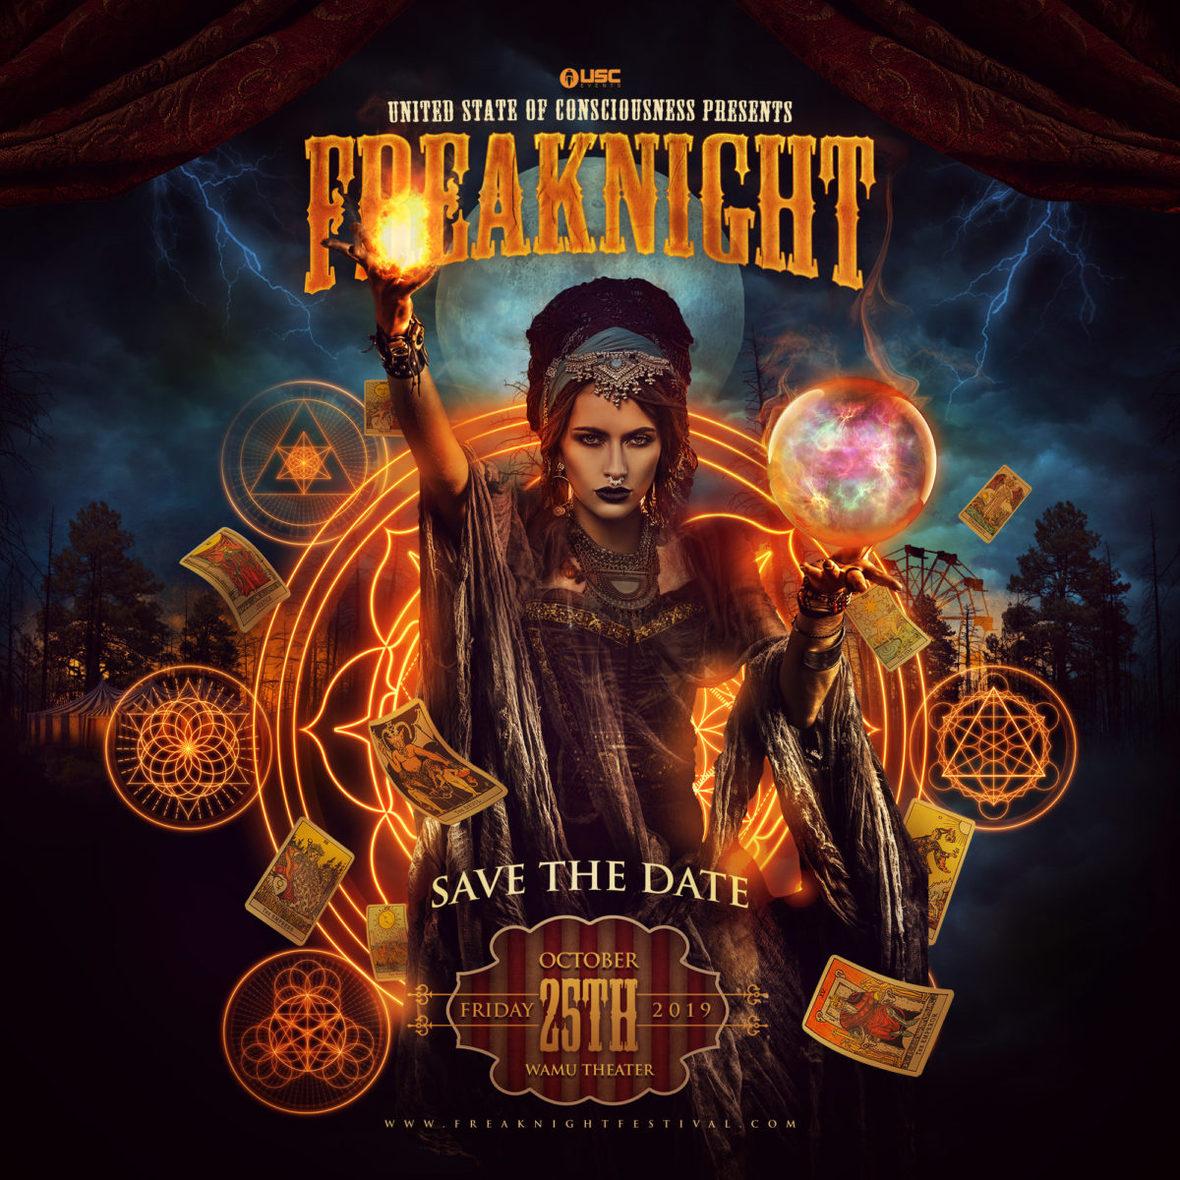 Freaknight2019 SaveTheDate 2000x2000-1200x1200